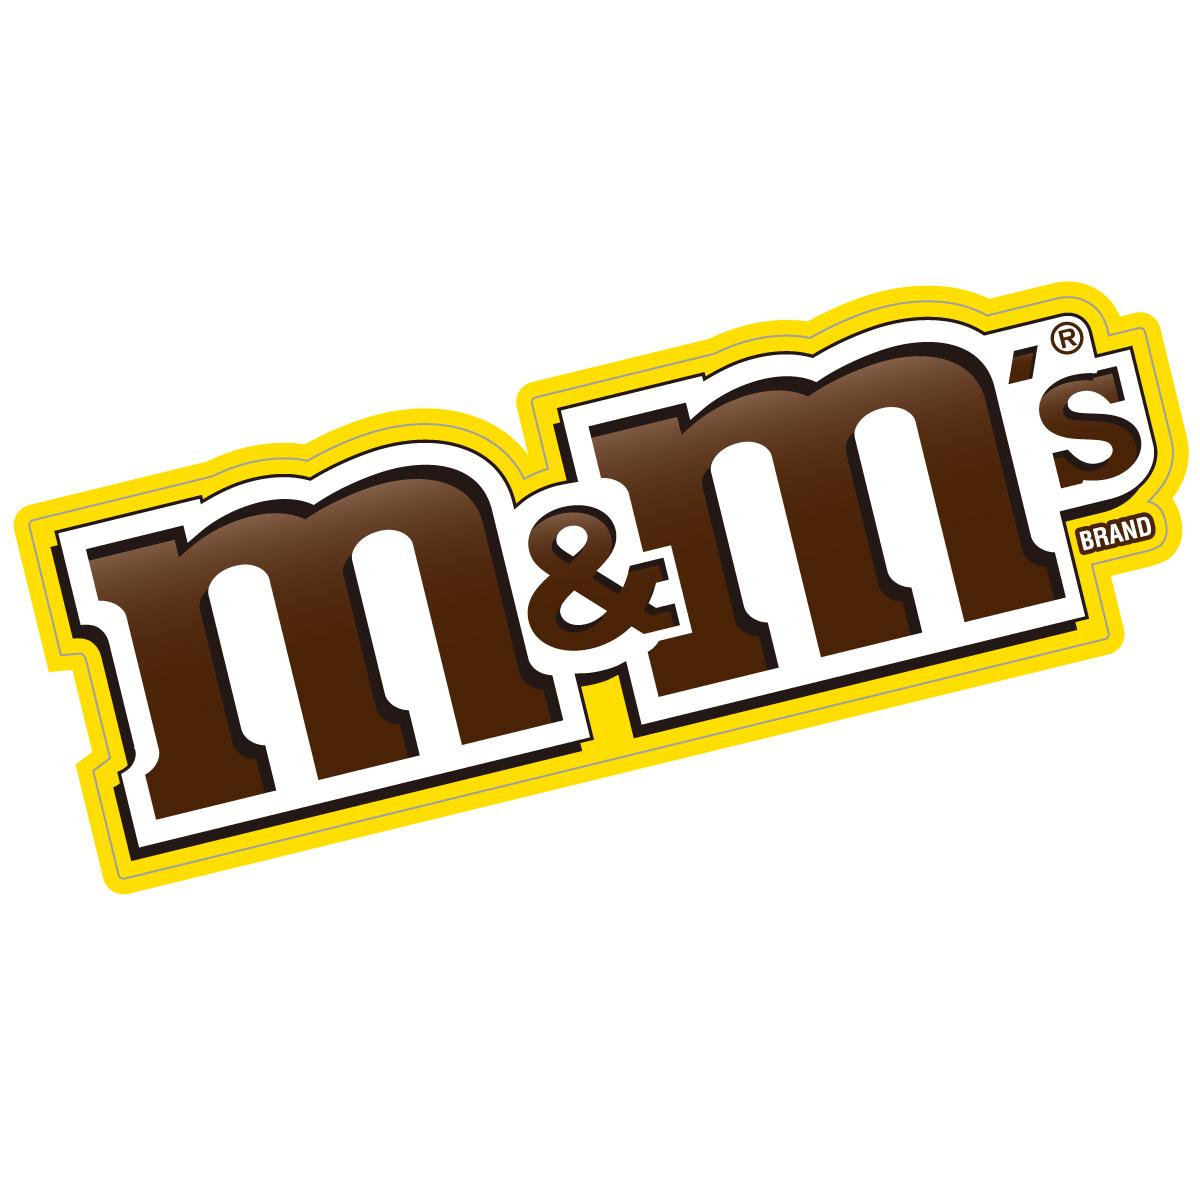 """076 みんな大好きM&M's! """"California Market Center"""" アメリカンステッカー スーツケース シール"""